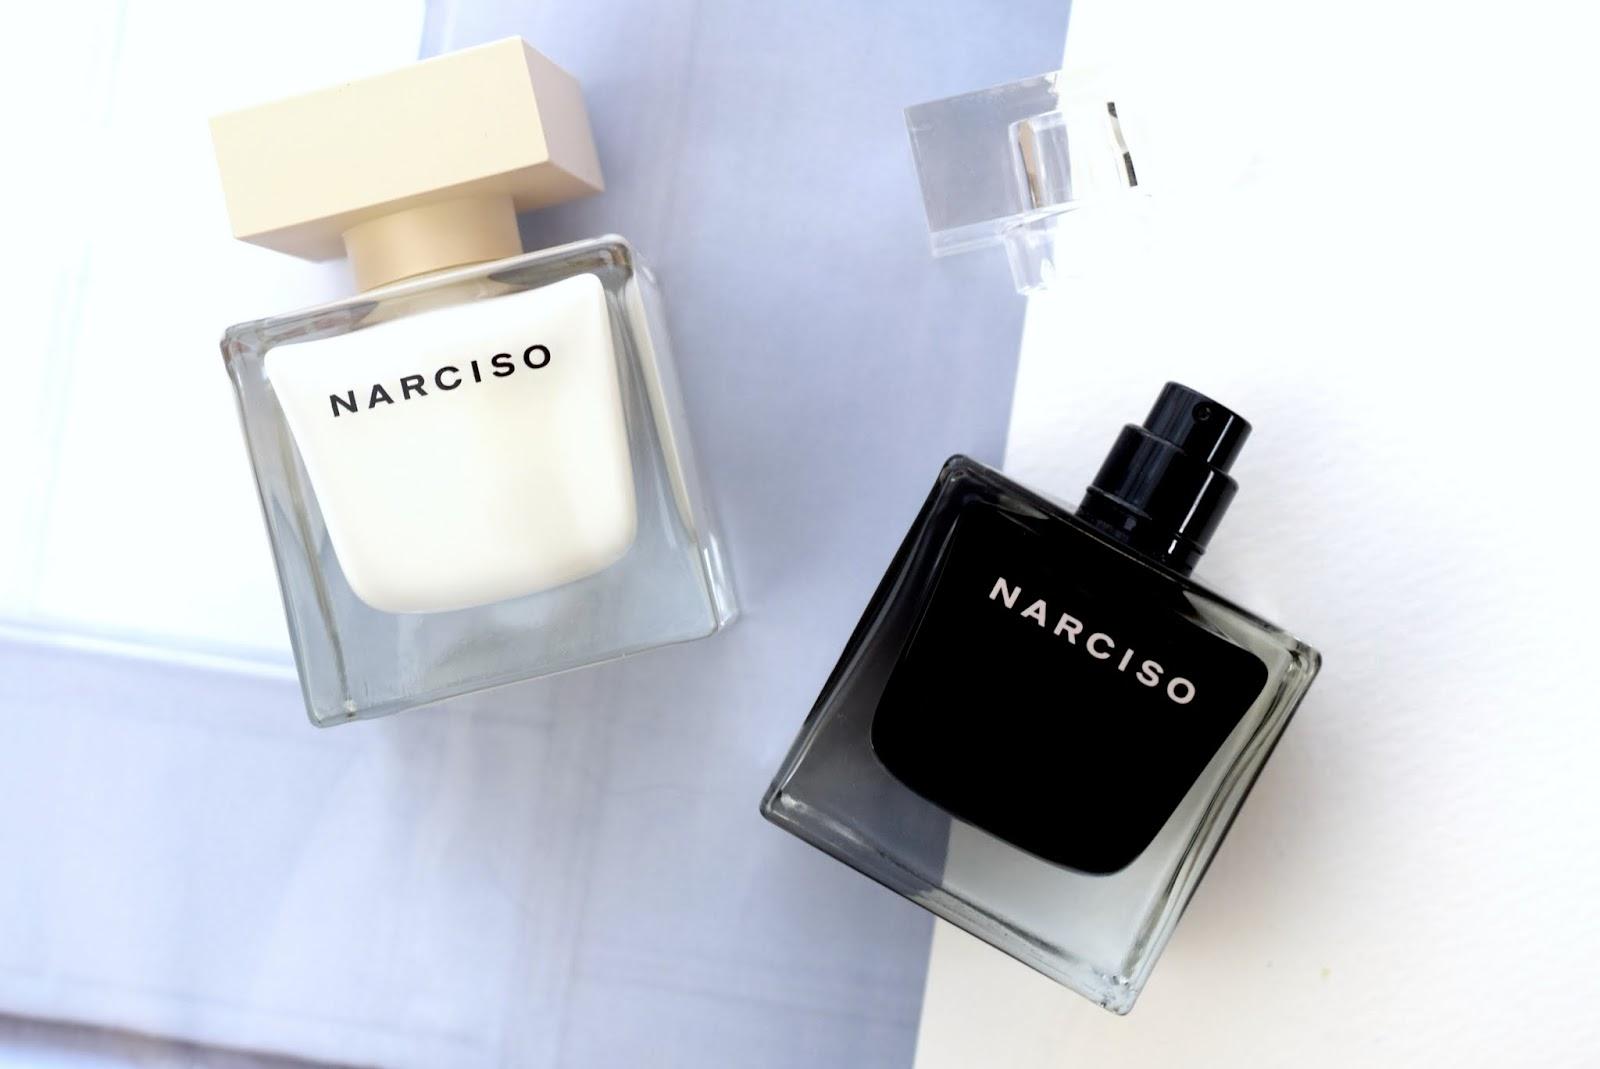 Narciso Rodriguez - Narciso Eau de Toilette und Eau de Parfum